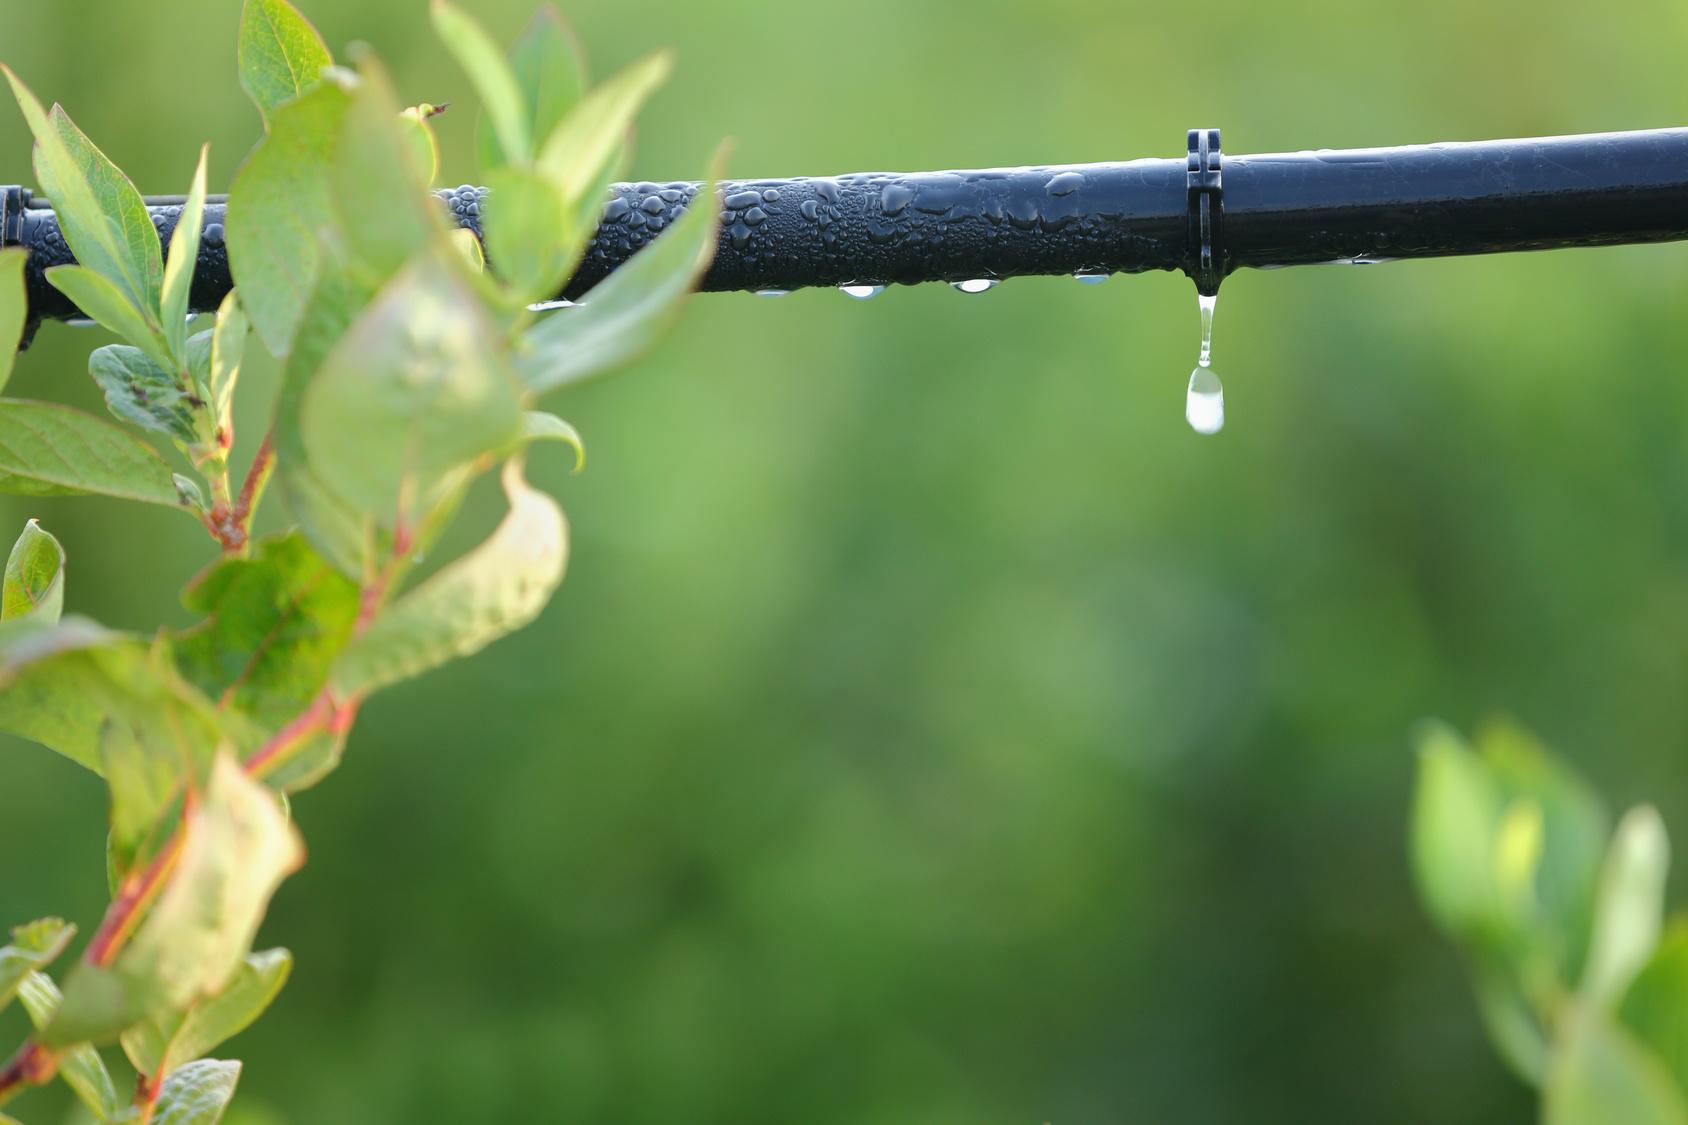 اصلاح الگوی مصرف آب در بخش کشاورزی-درست مصرف کنیم - آموزش همگانی - آگاهی مصرف